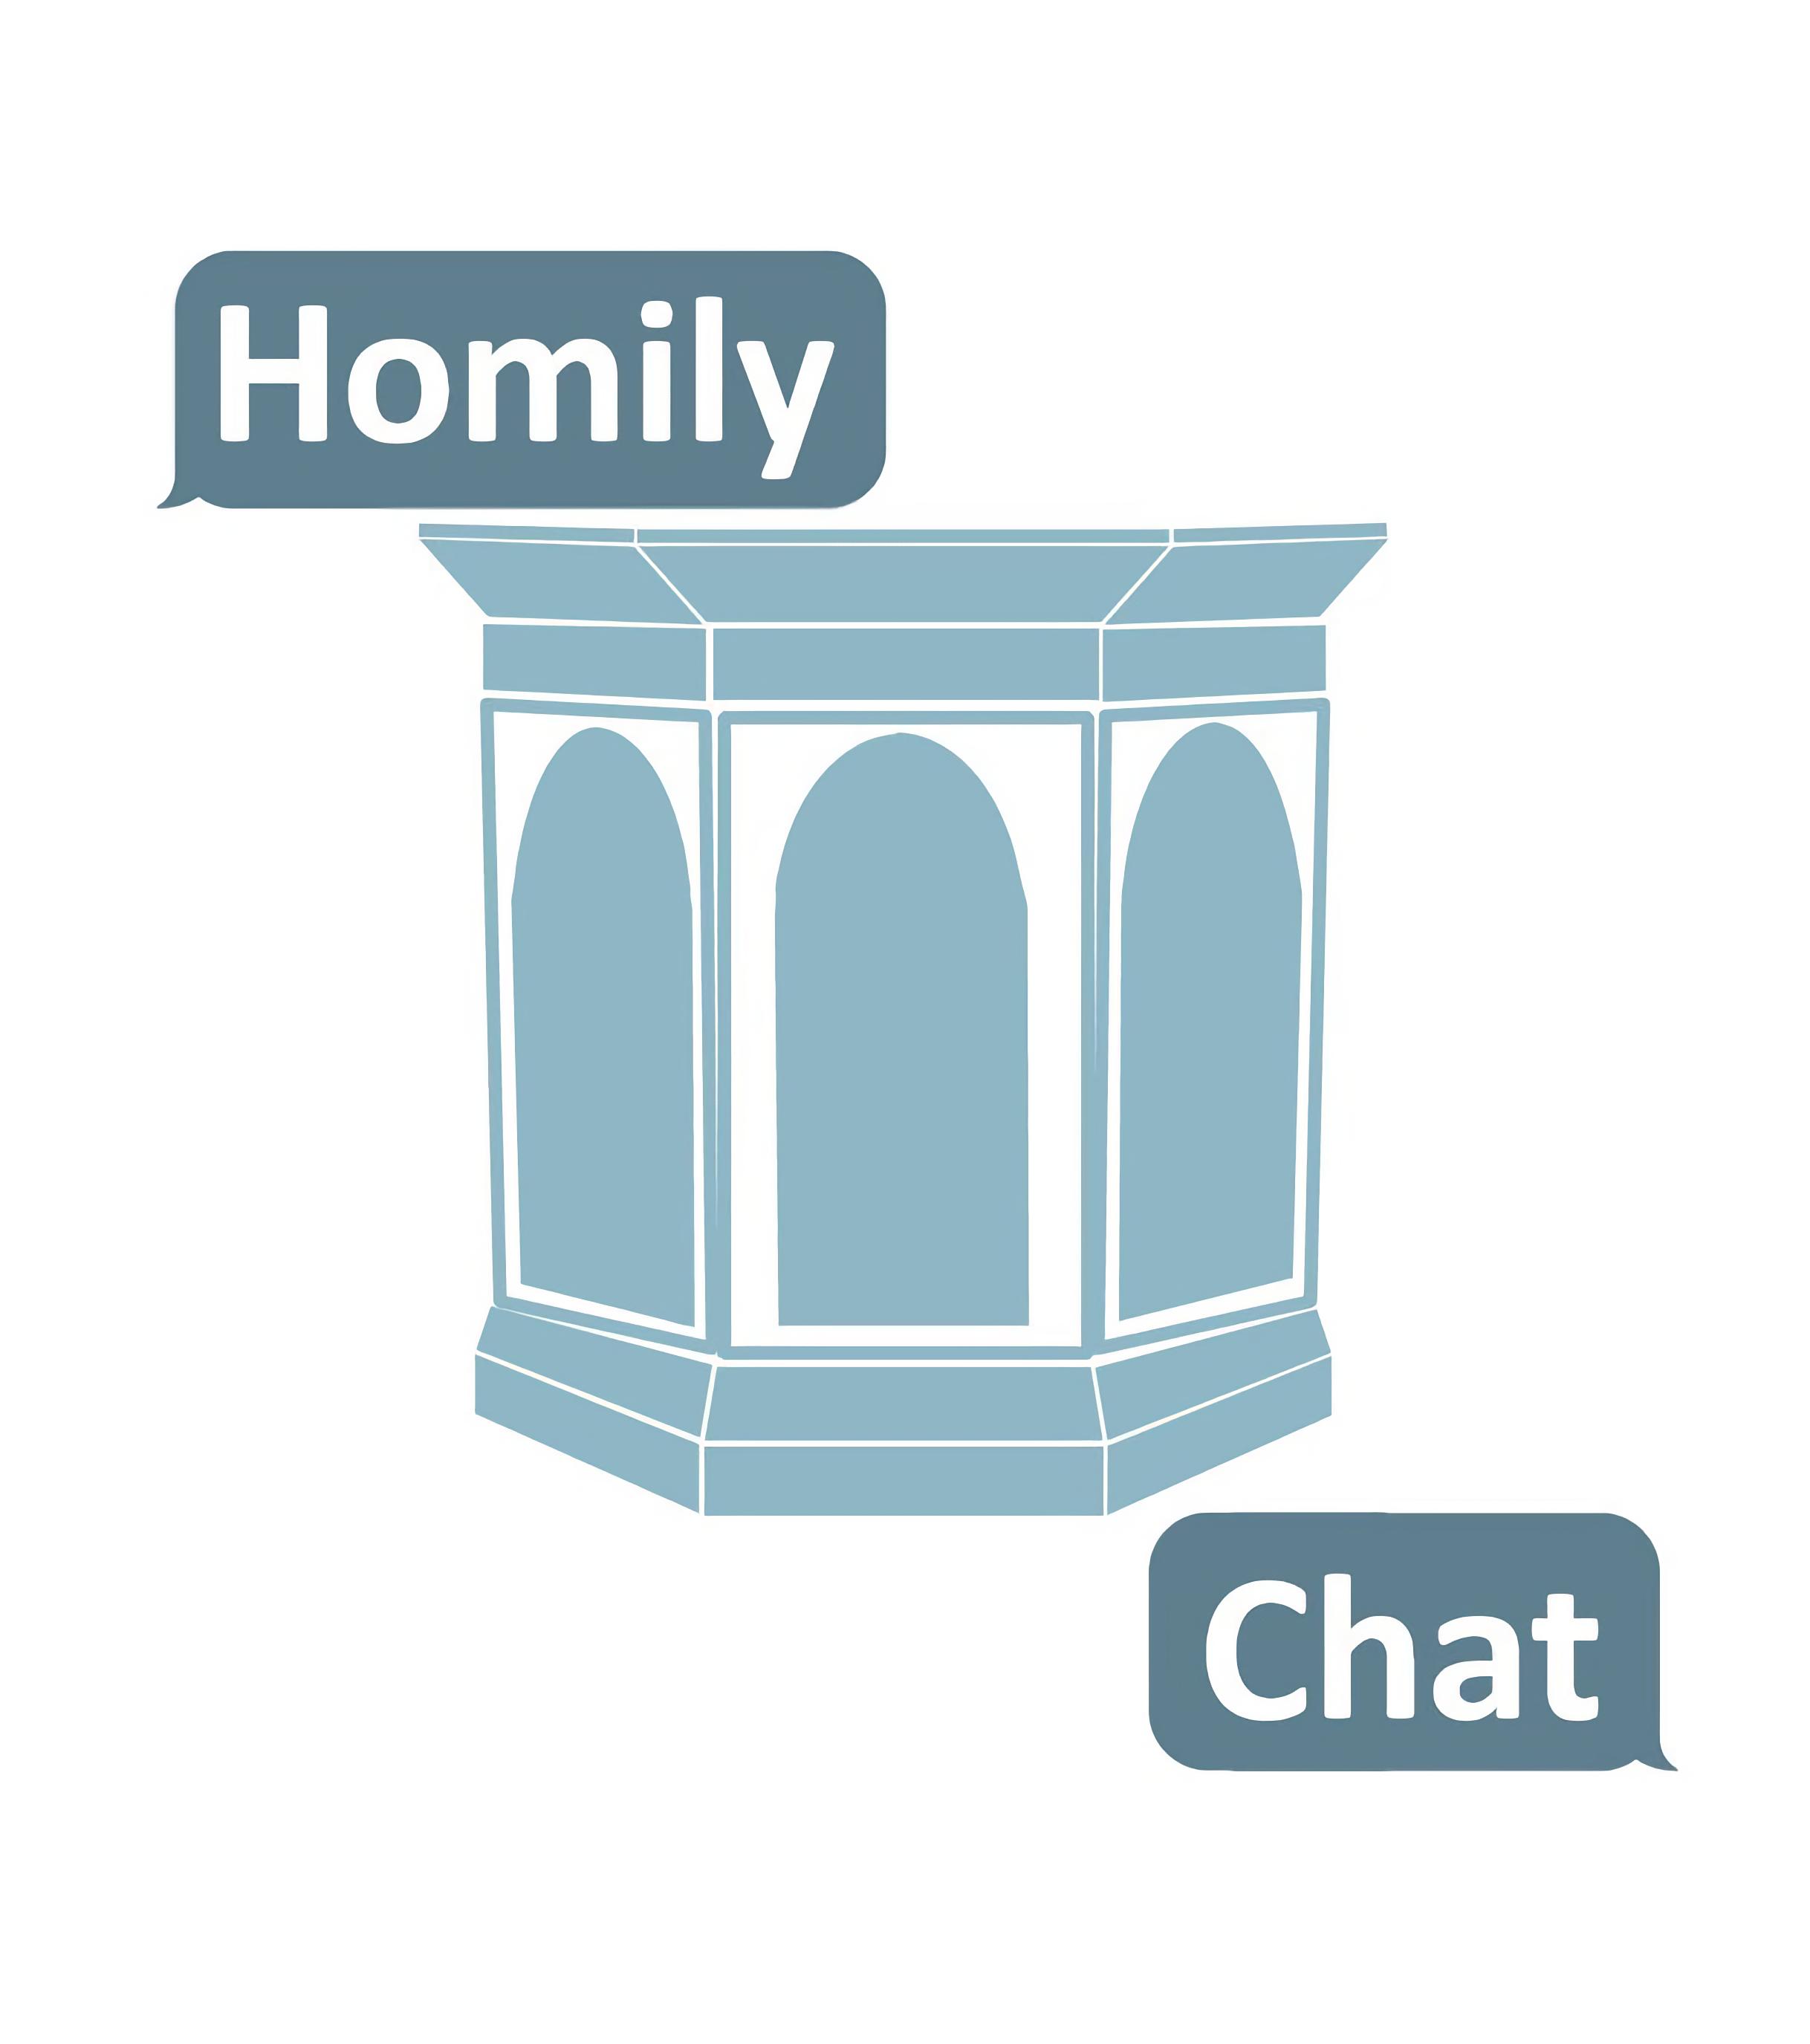 2020 0830 JKorvemaker homilychat-logo-large